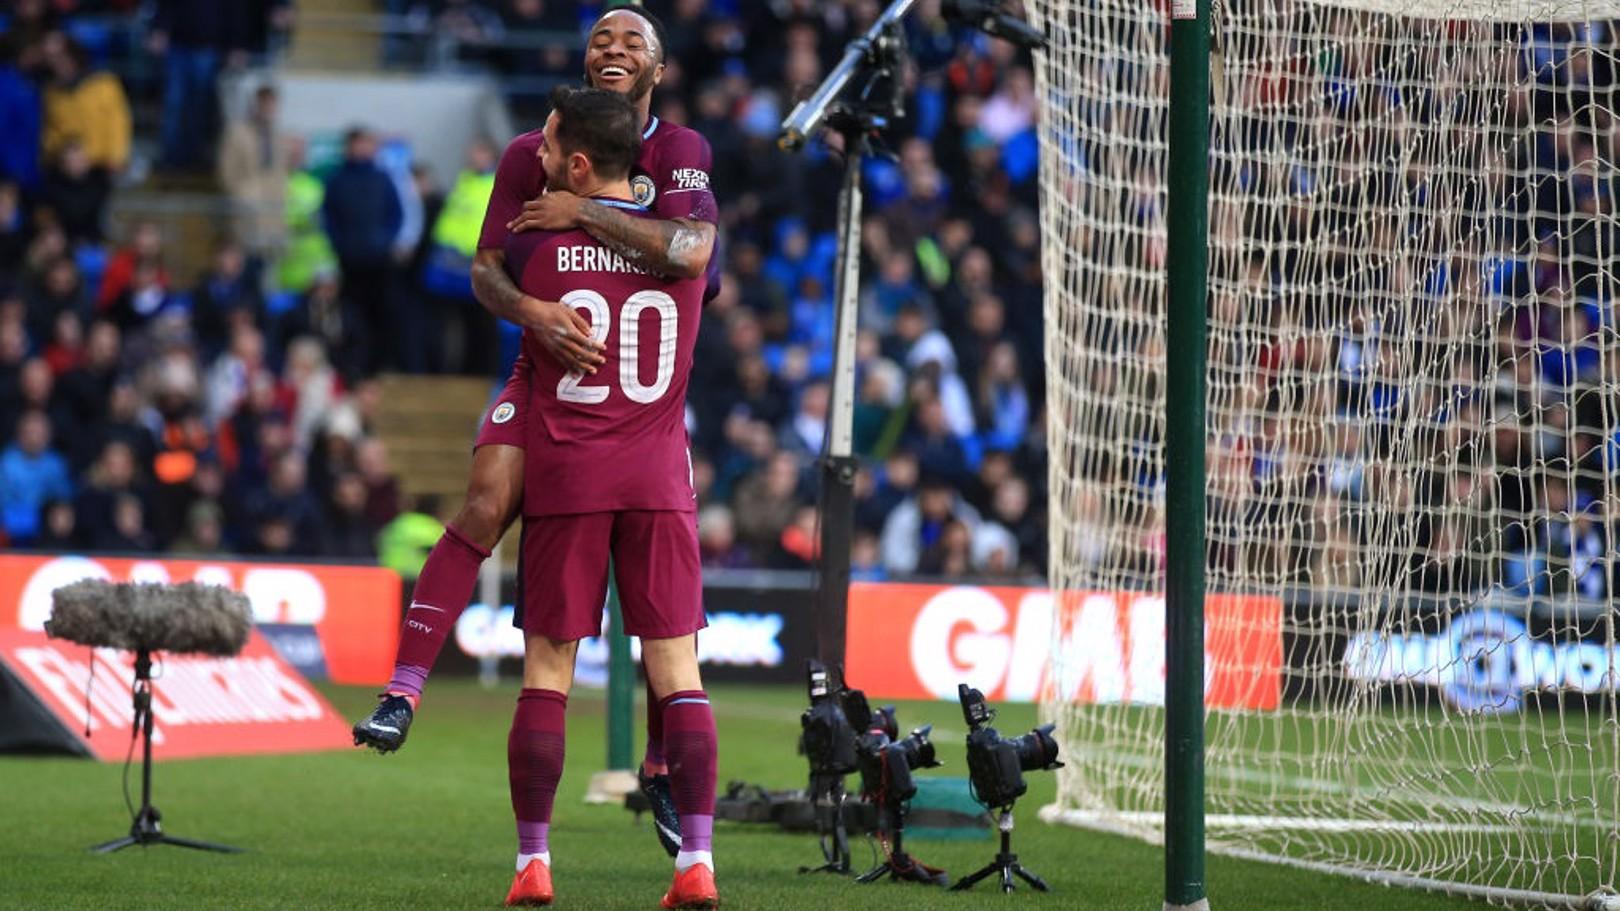 EQUIPE DE SONHO: O cruzamento brilhante de Bernardo Silva, deu a Sterling um gol de cabeça